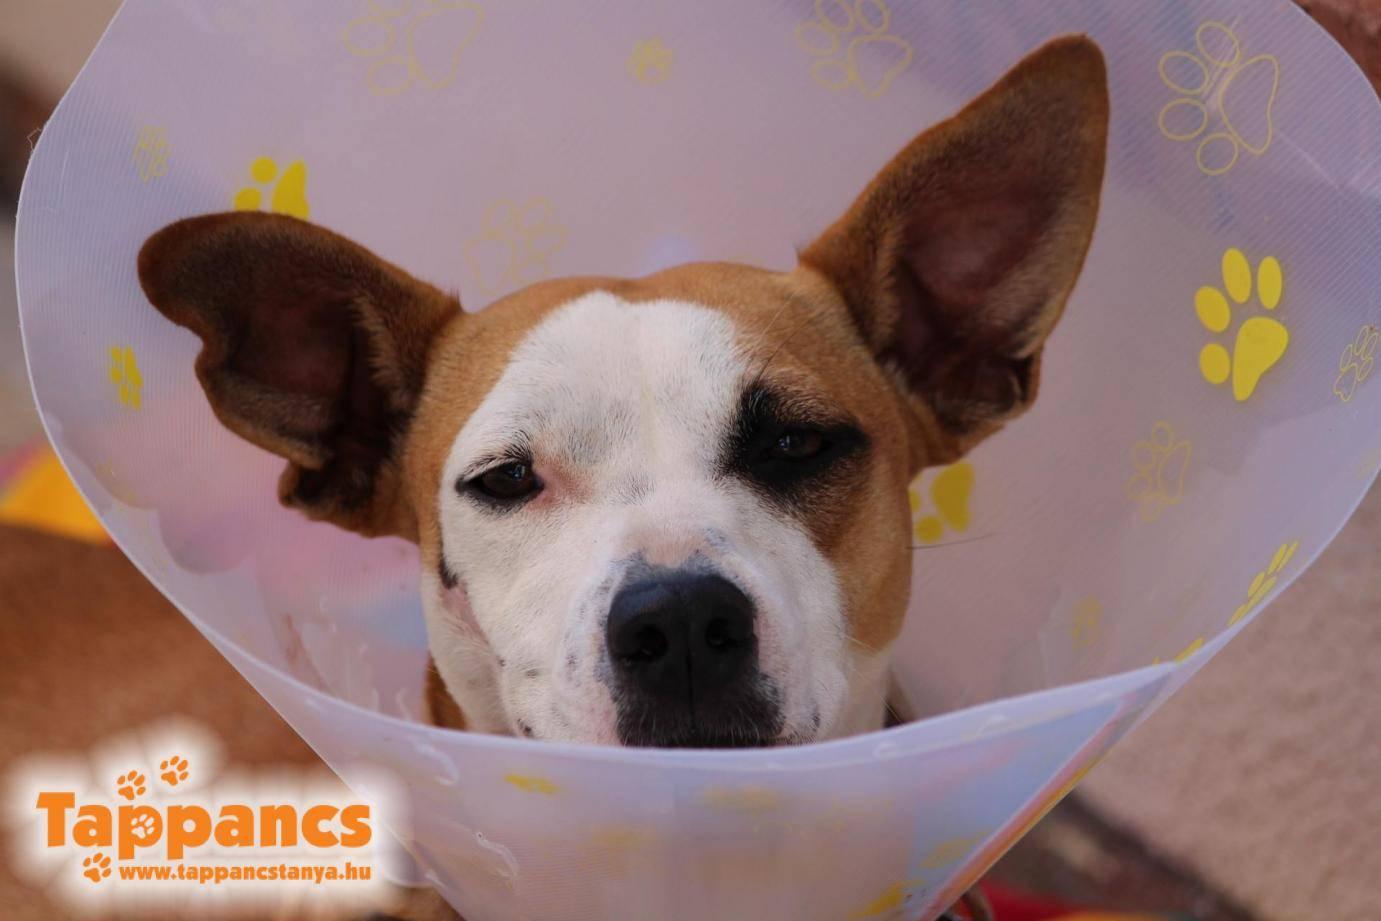 Állatorvosra van szükség - Tappancs Tanya 34a34a36e8